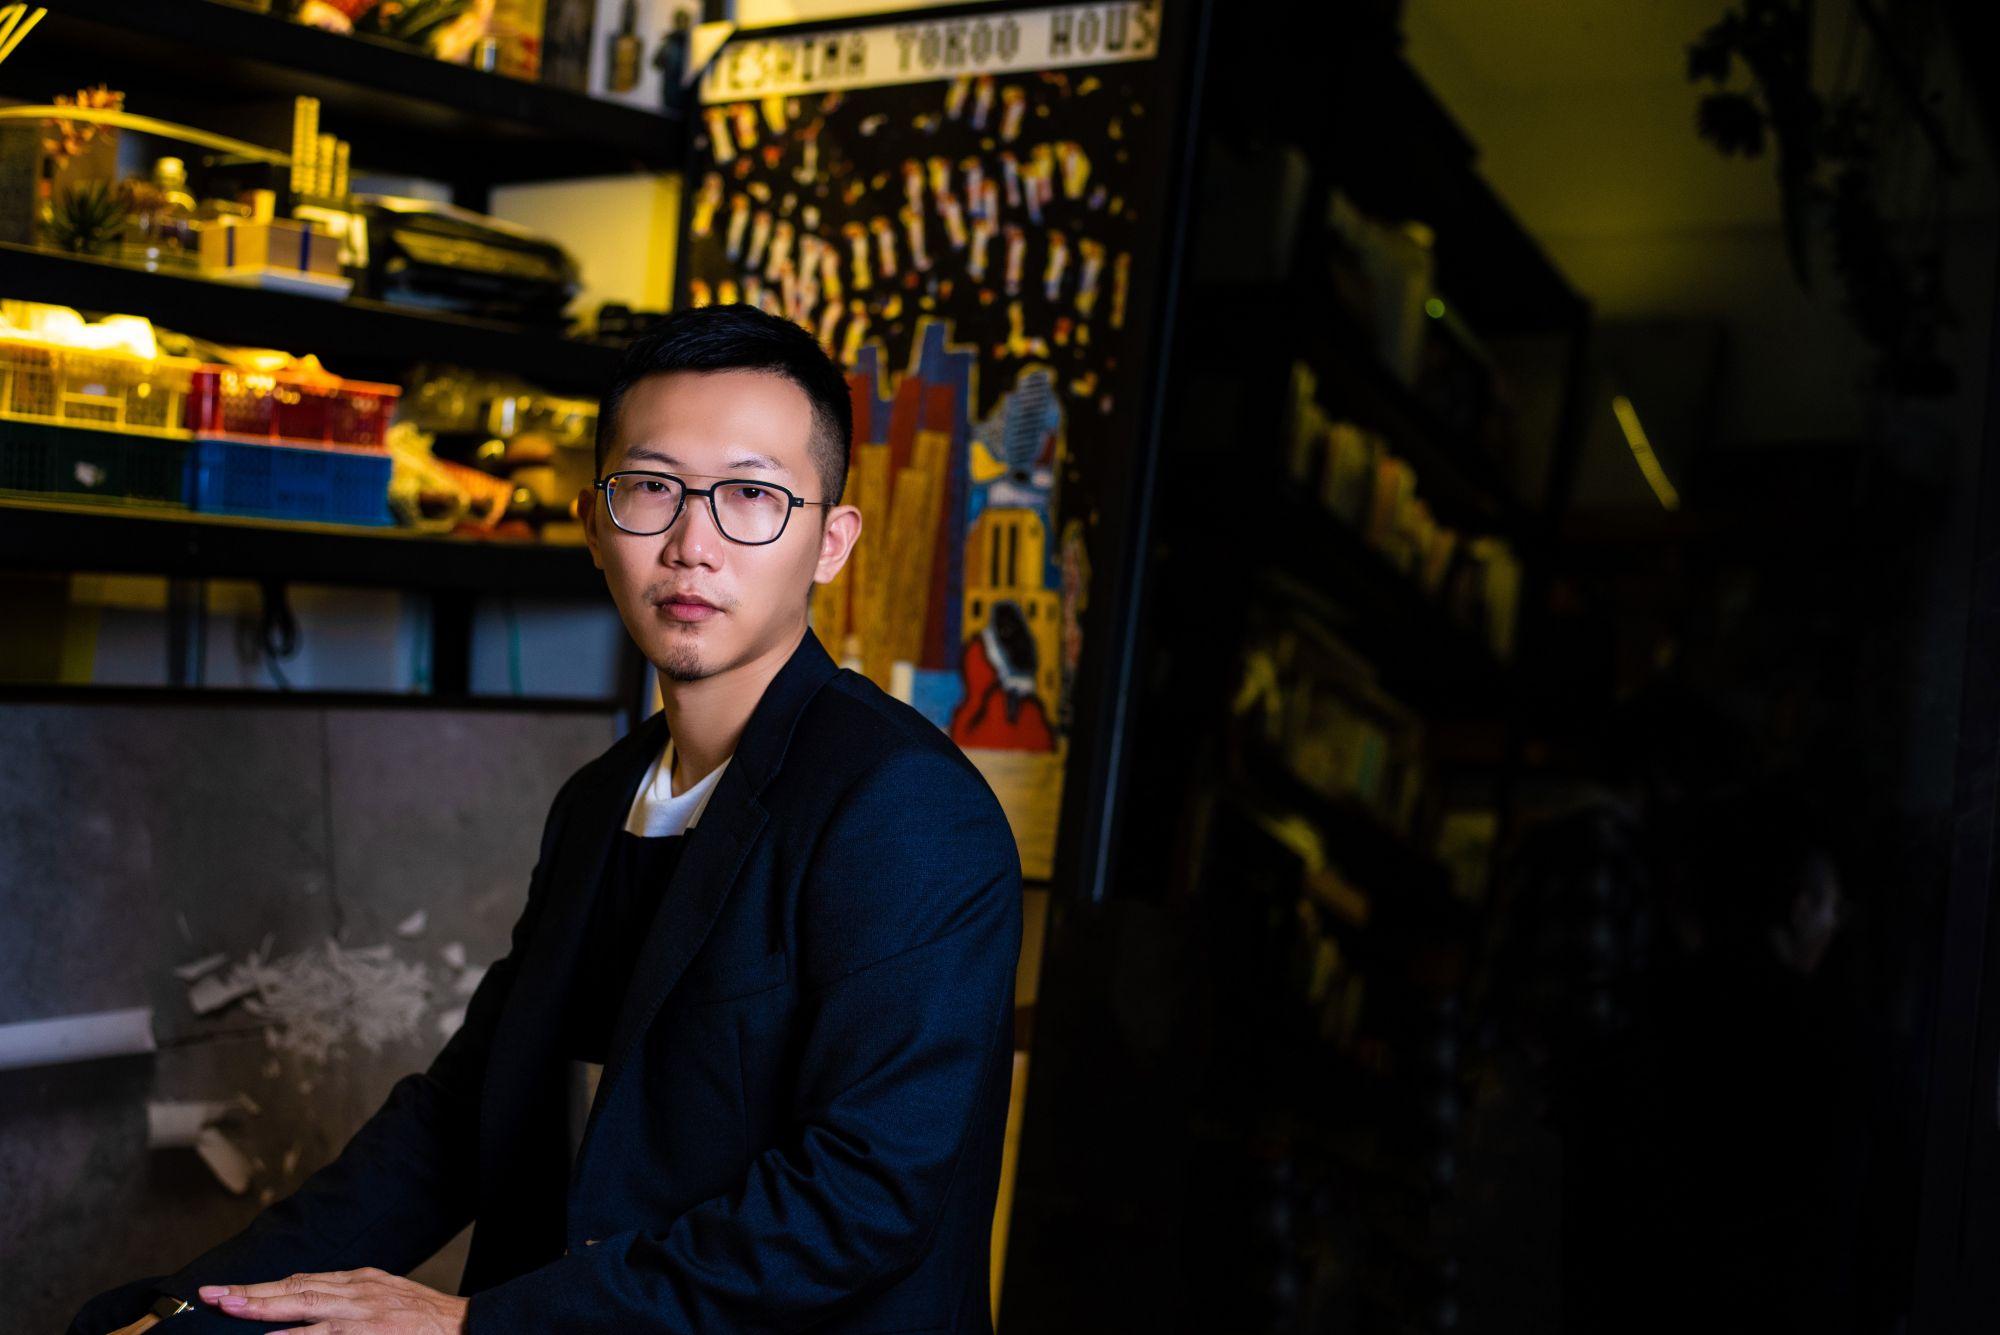 裝置藝術家莊志維:「我認為藝術家與品牌都是獨立的,我透過藝術作品去表達想說的話,而不是用商業品牌去削弱藝術精神。」